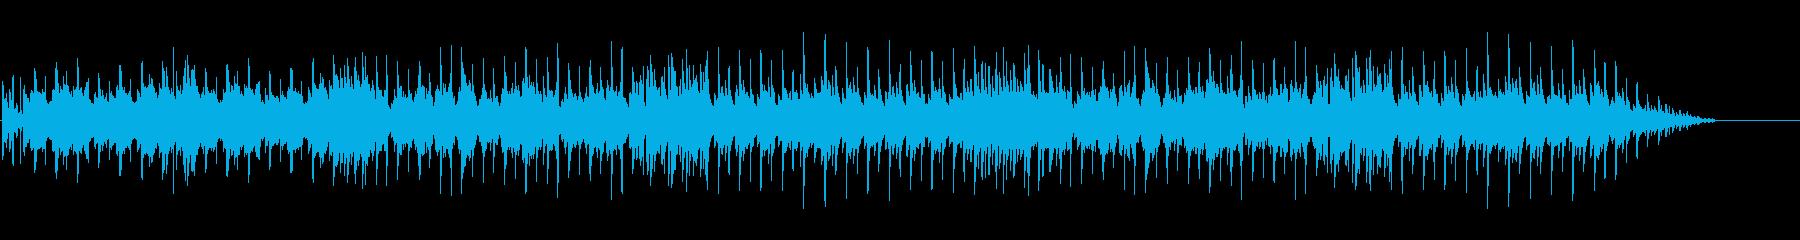 ファミコンシューティング風ループBGMの再生済みの波形